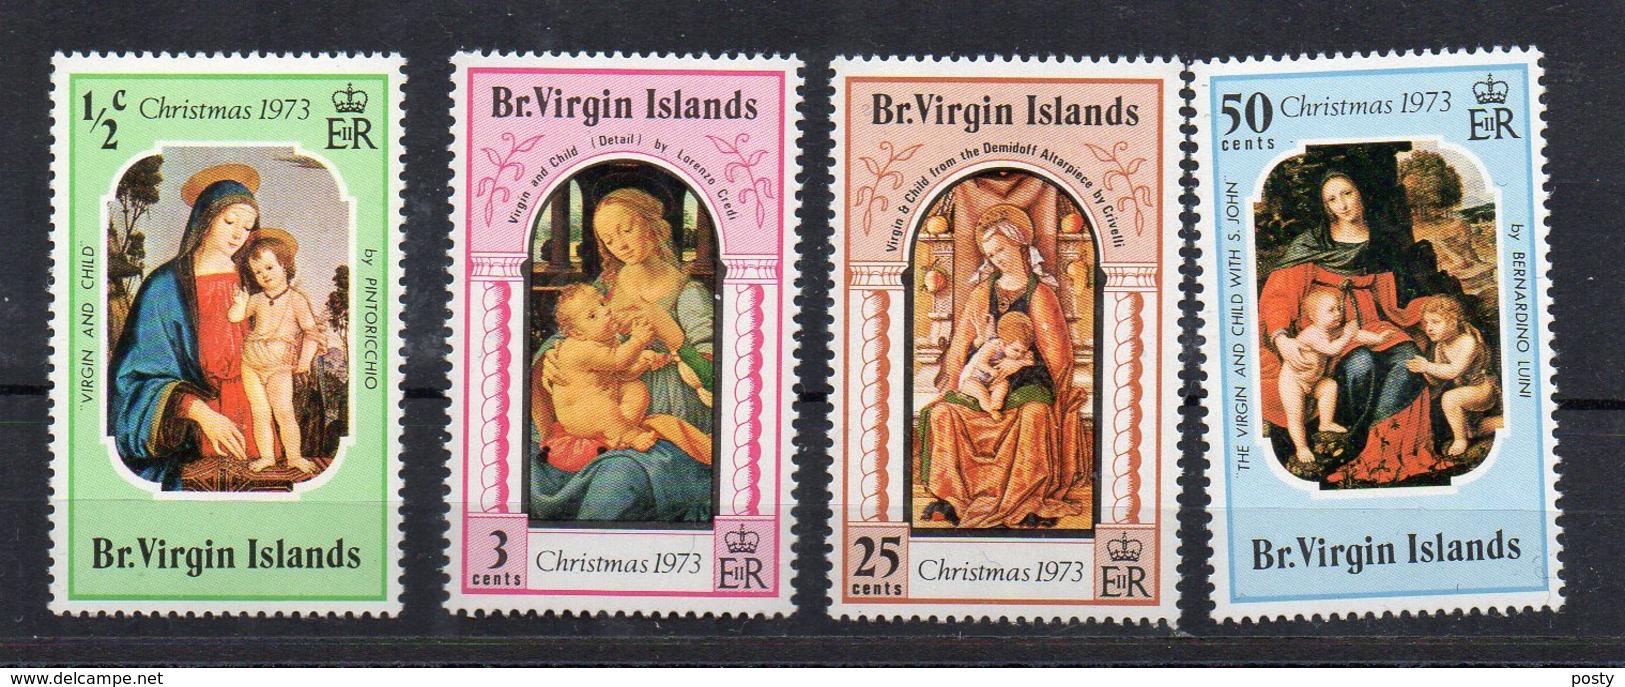 ILES VIERGES BRITANNIQUES - BRITISH VIRGIN ISLANDS - 1973 - CHRISTMAS - NOEL - - Iles Vièrges Britanniques